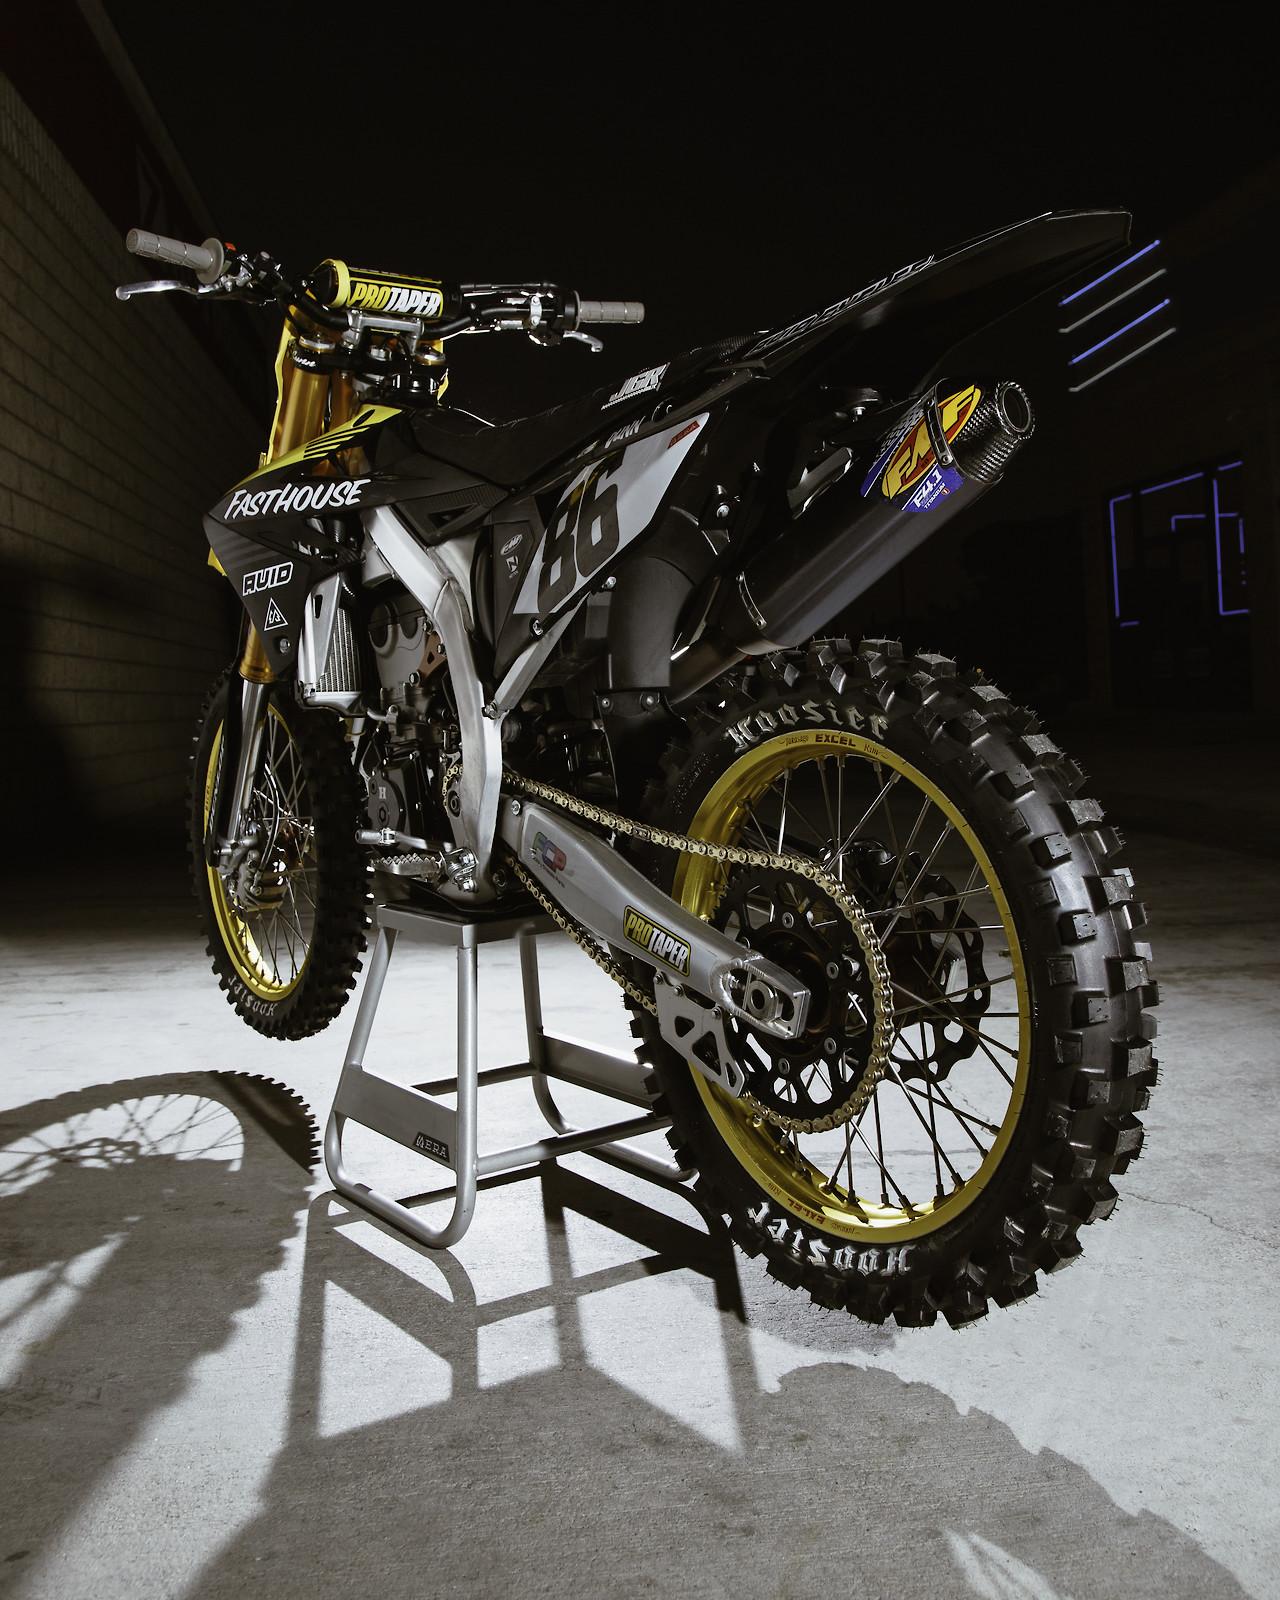 2019 RMZ450  - DDunn86 - Motocross Pictures - Vital MX